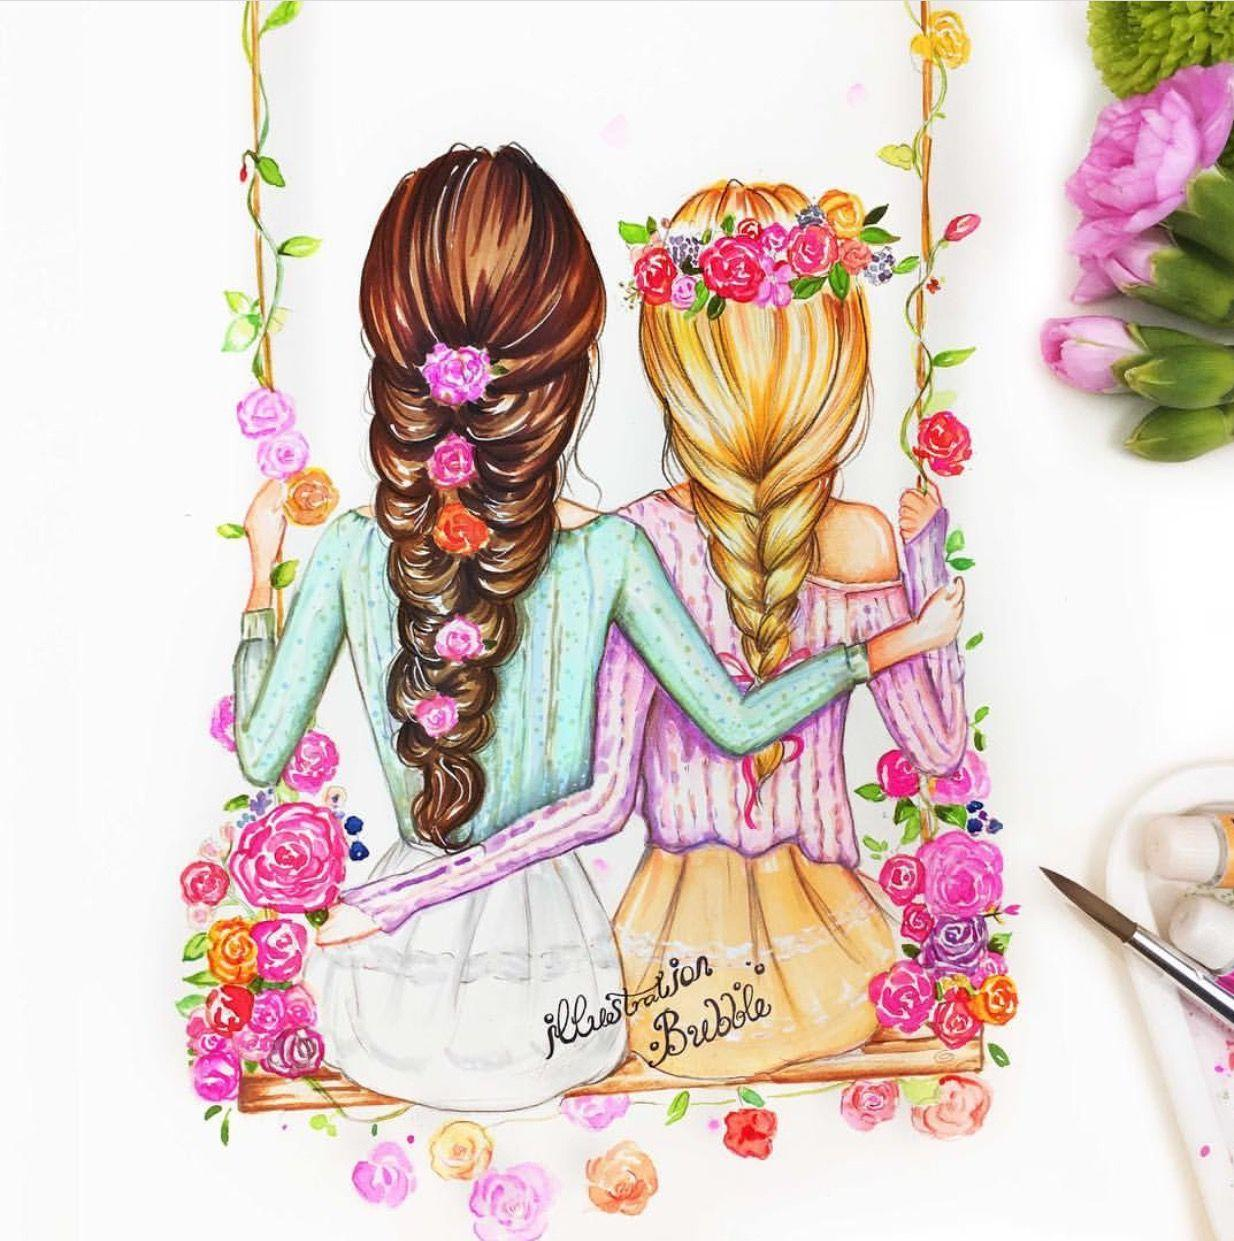 Как рисовать открытку для сестры, словами